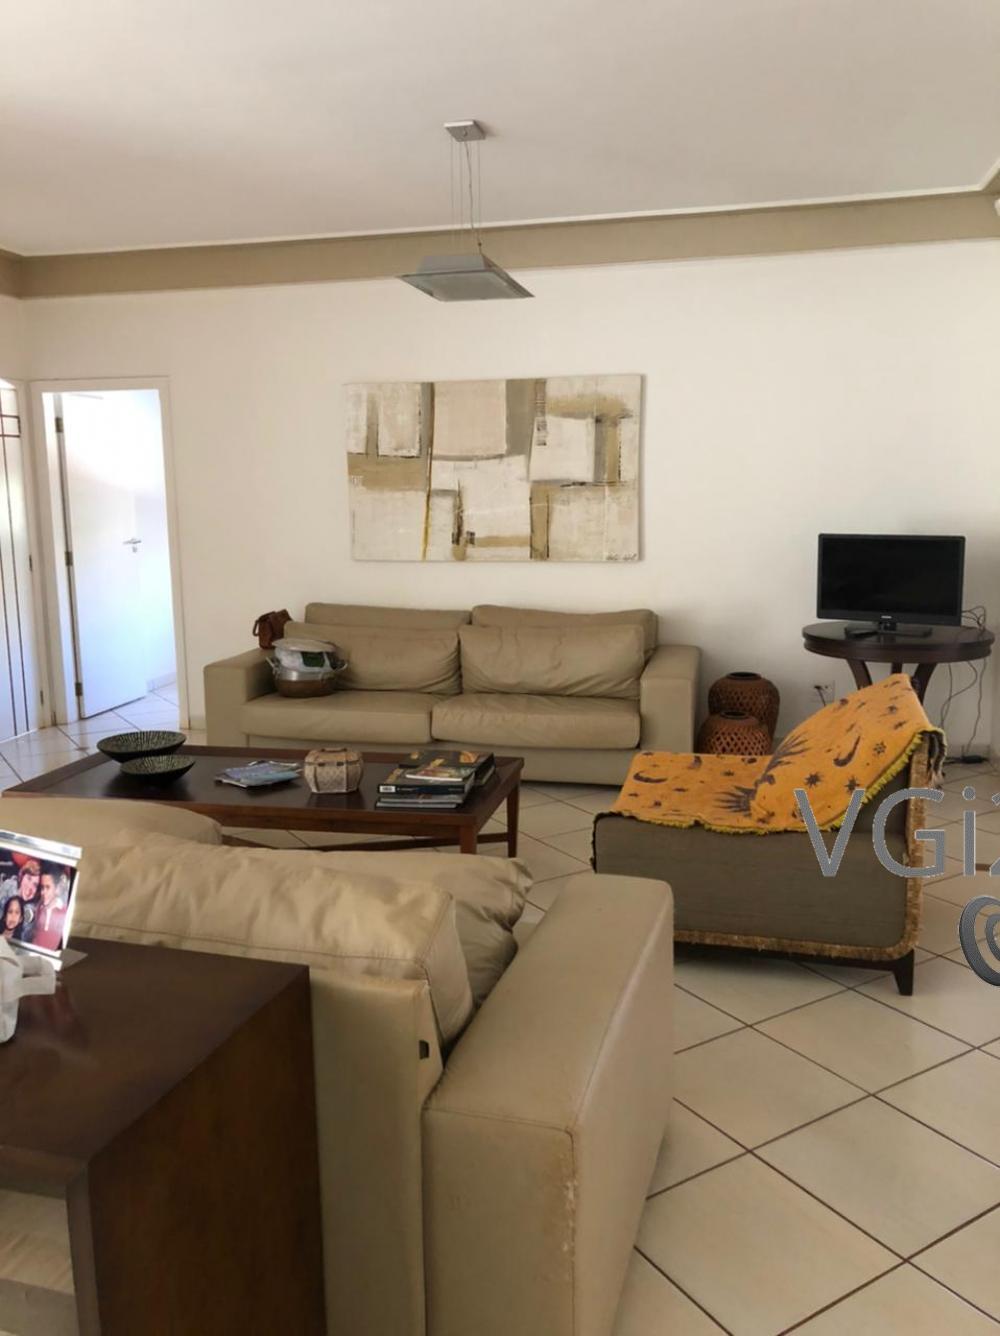 Comprar Casa / Padrão em Ribeirão Preto R$ 980.000,00 - Foto 3